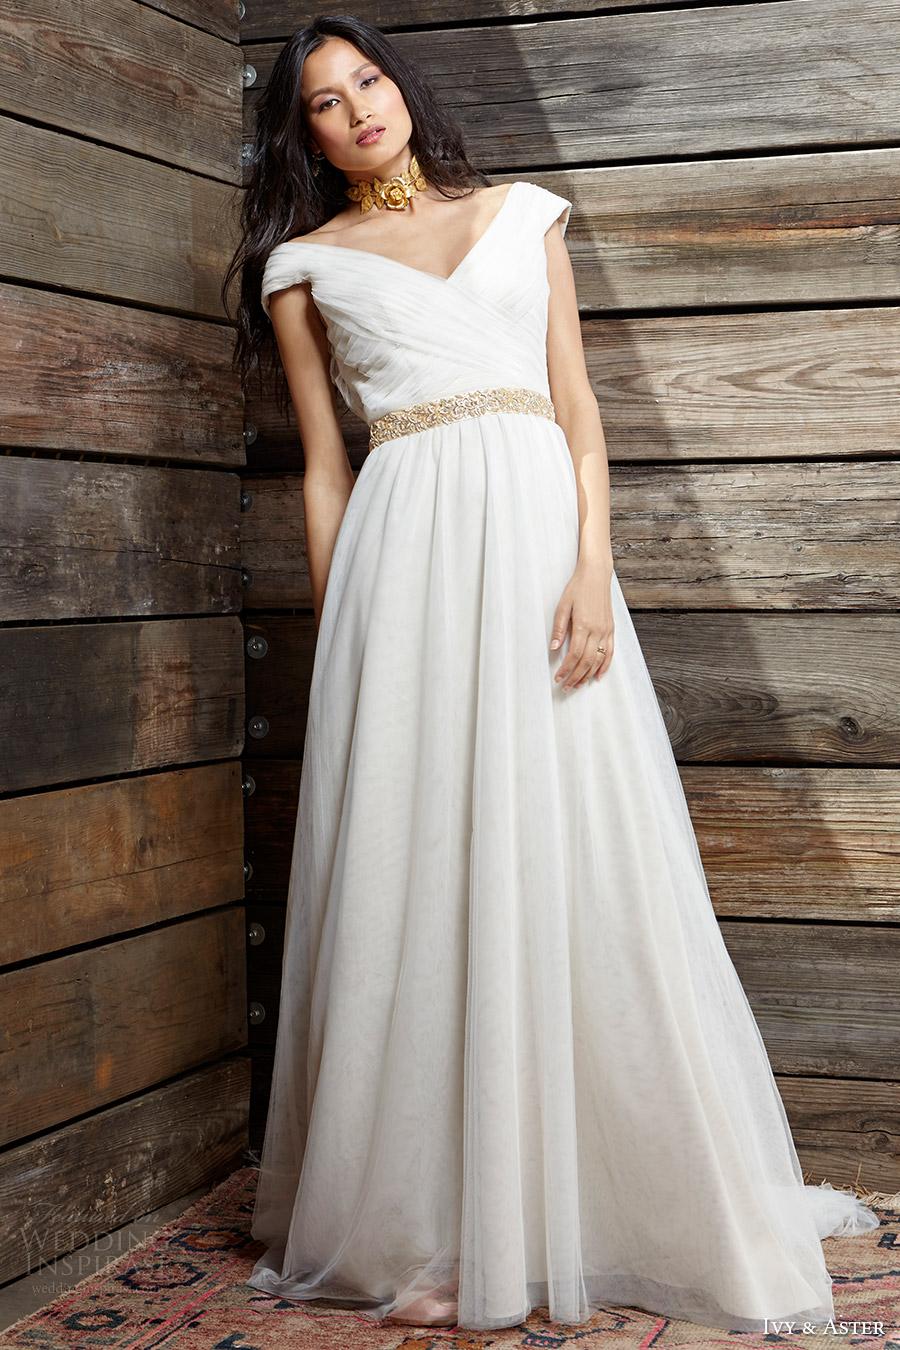 ivy aster bridal spring 2017 cap sleeves off shoulder aline wedding dress (cumberland) mv